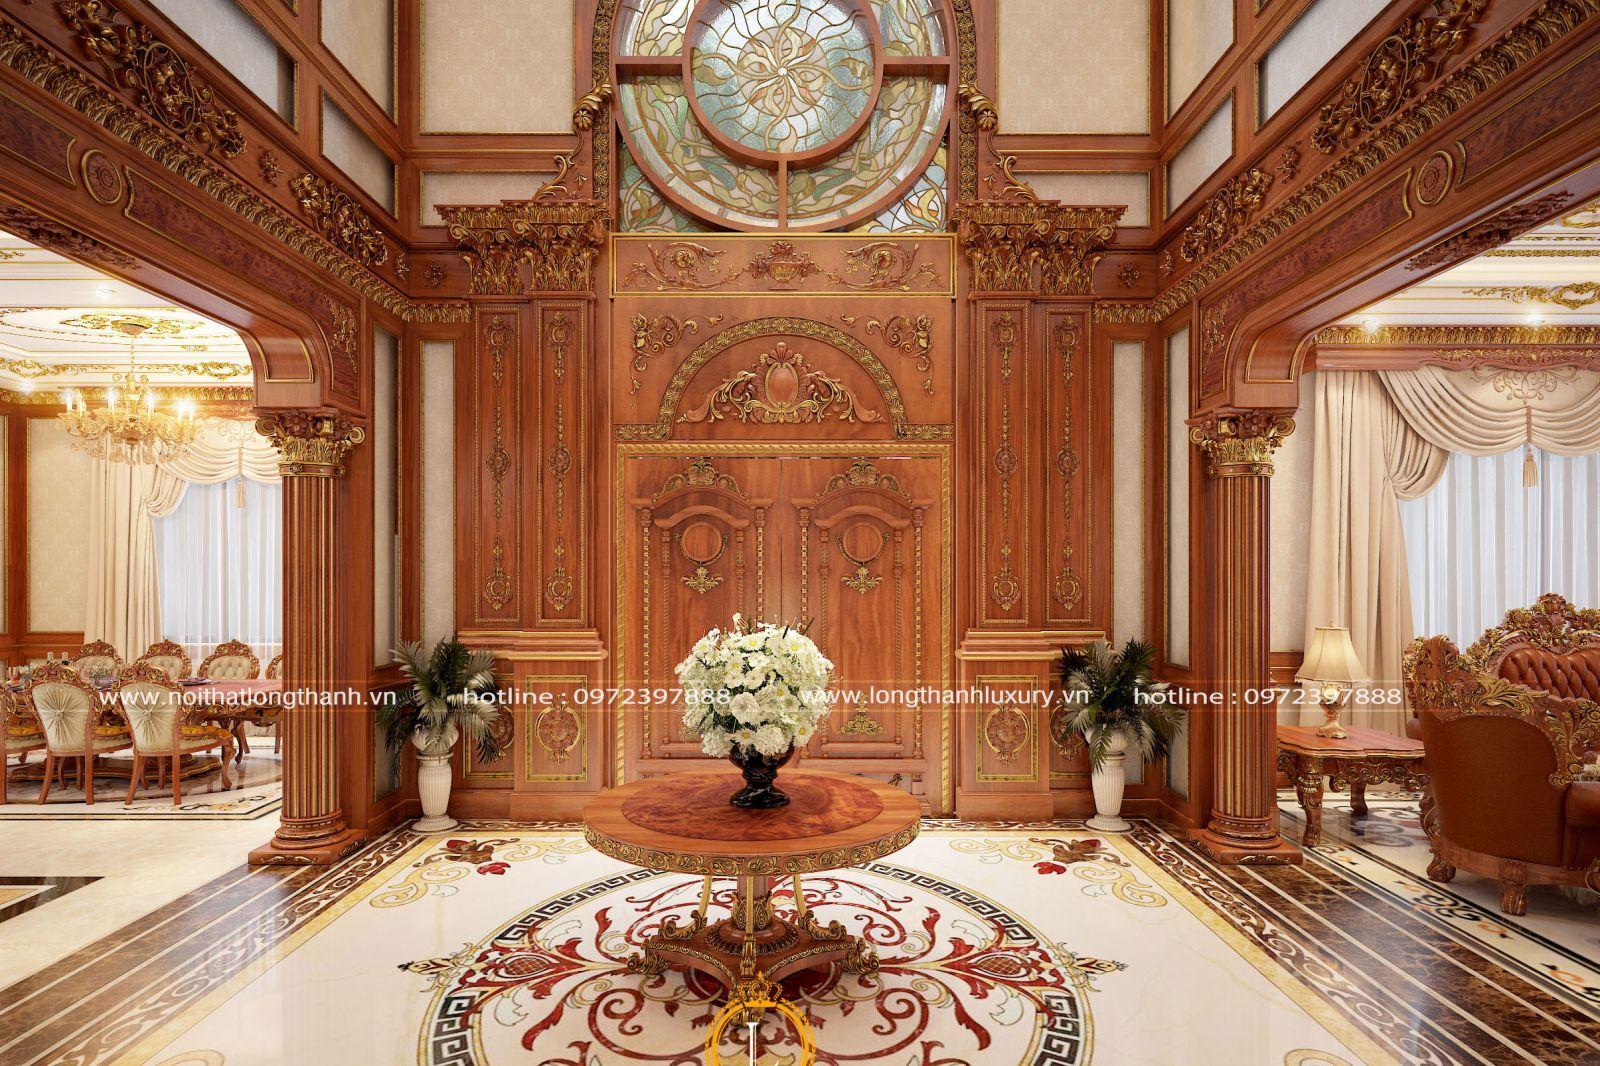 Cửa gỗ gõ đỏ tân cổ điển hoàng gia lộng lẫy